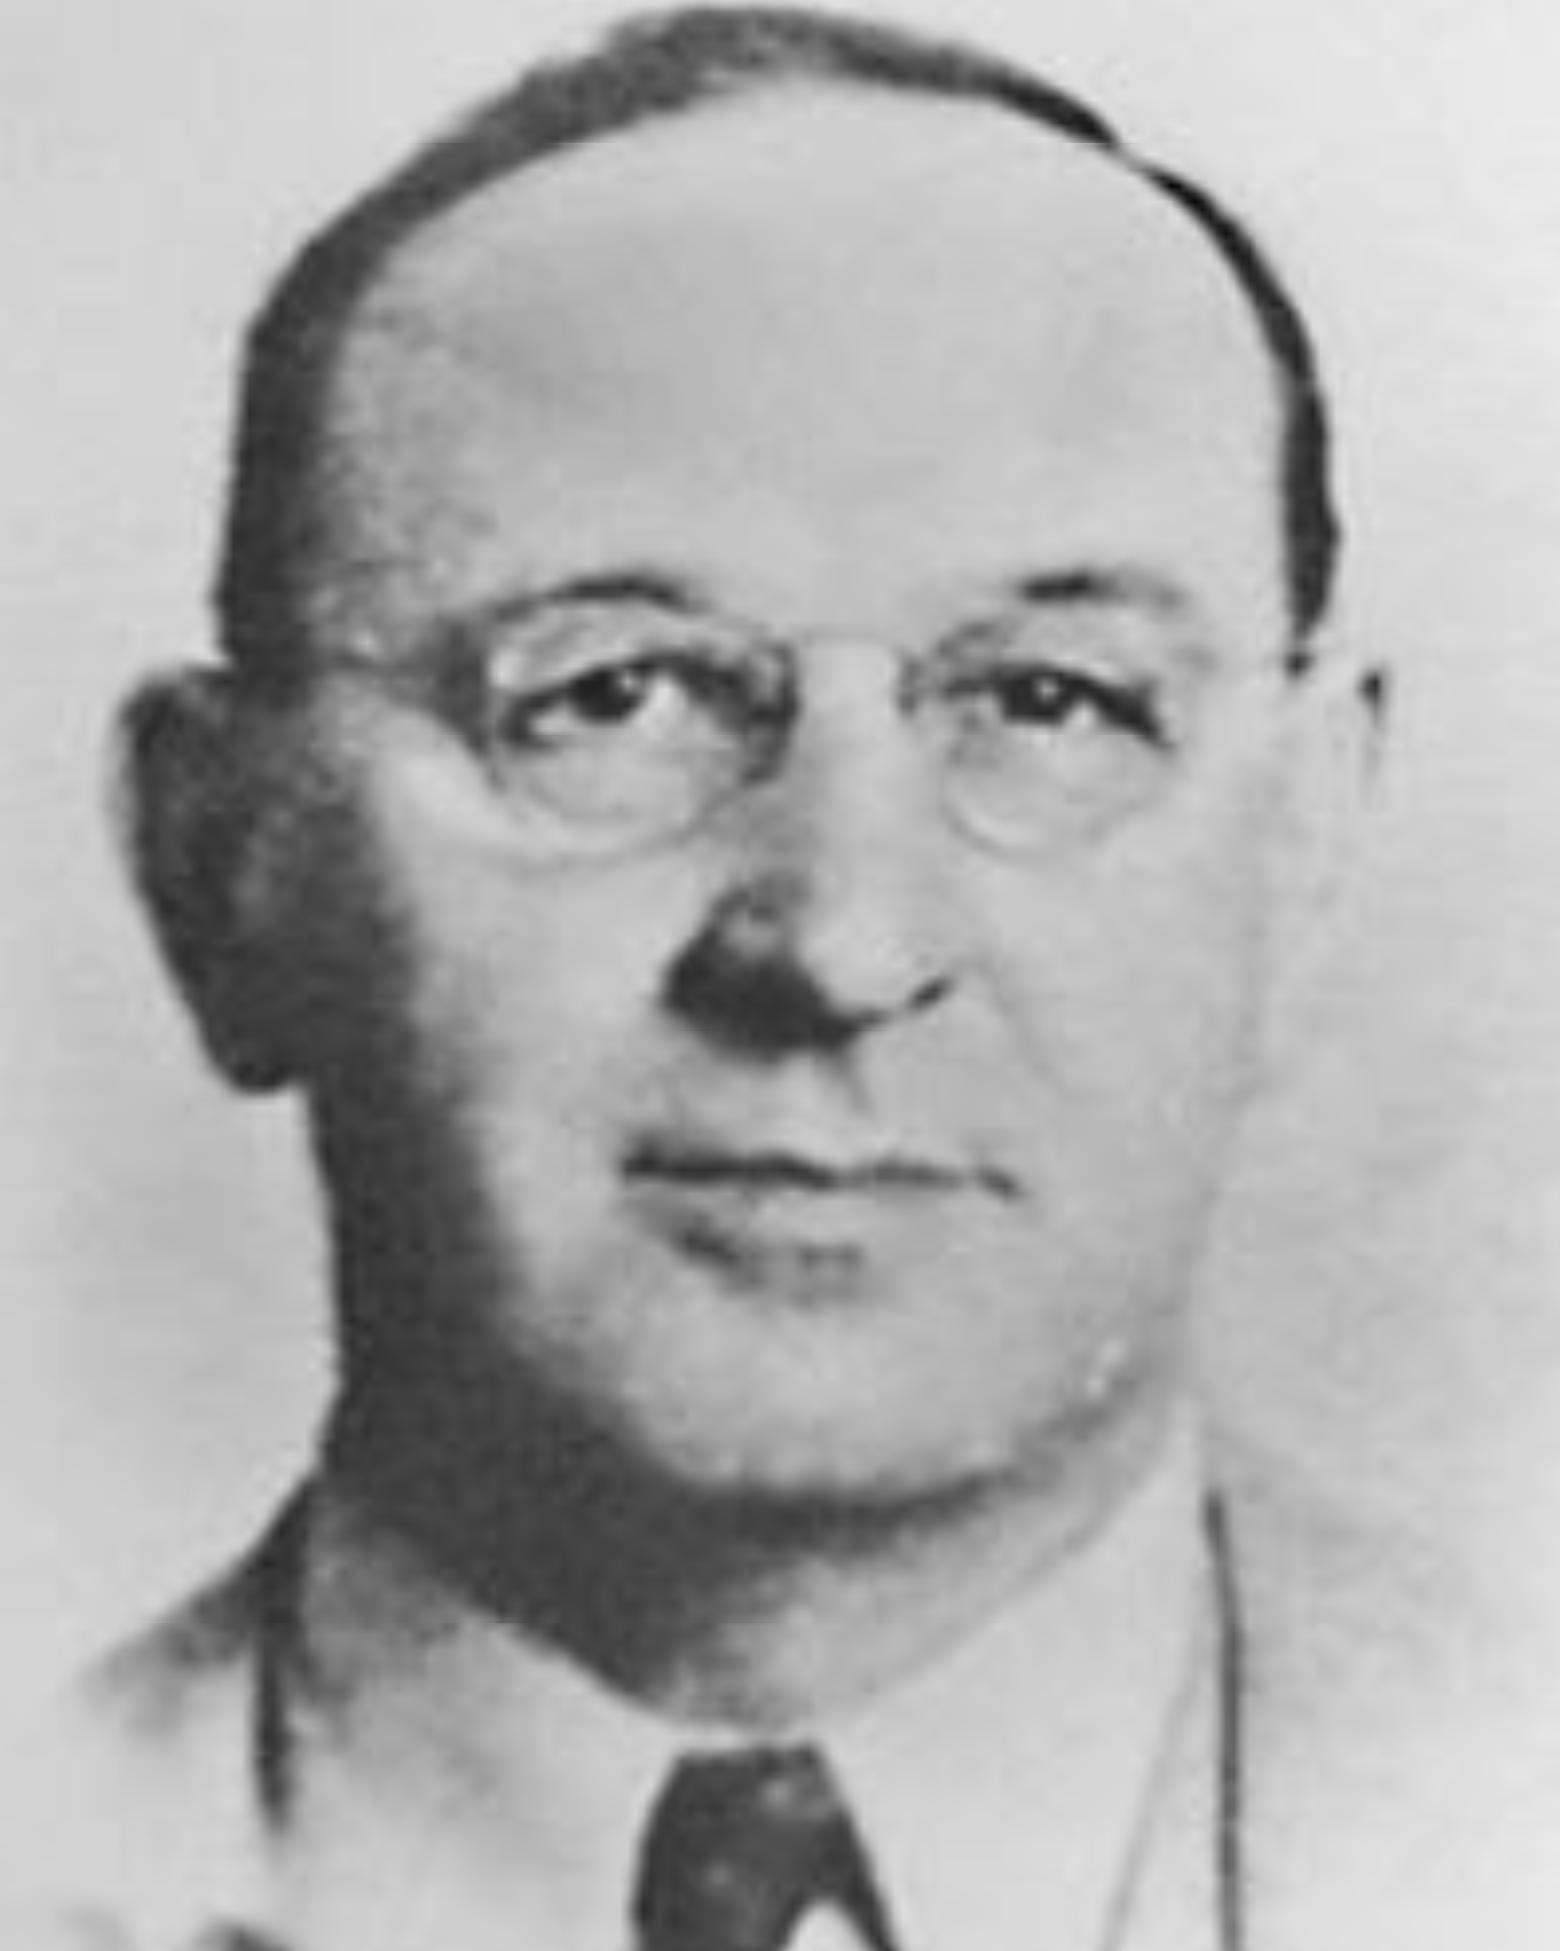 K. T. WIEDEMAN